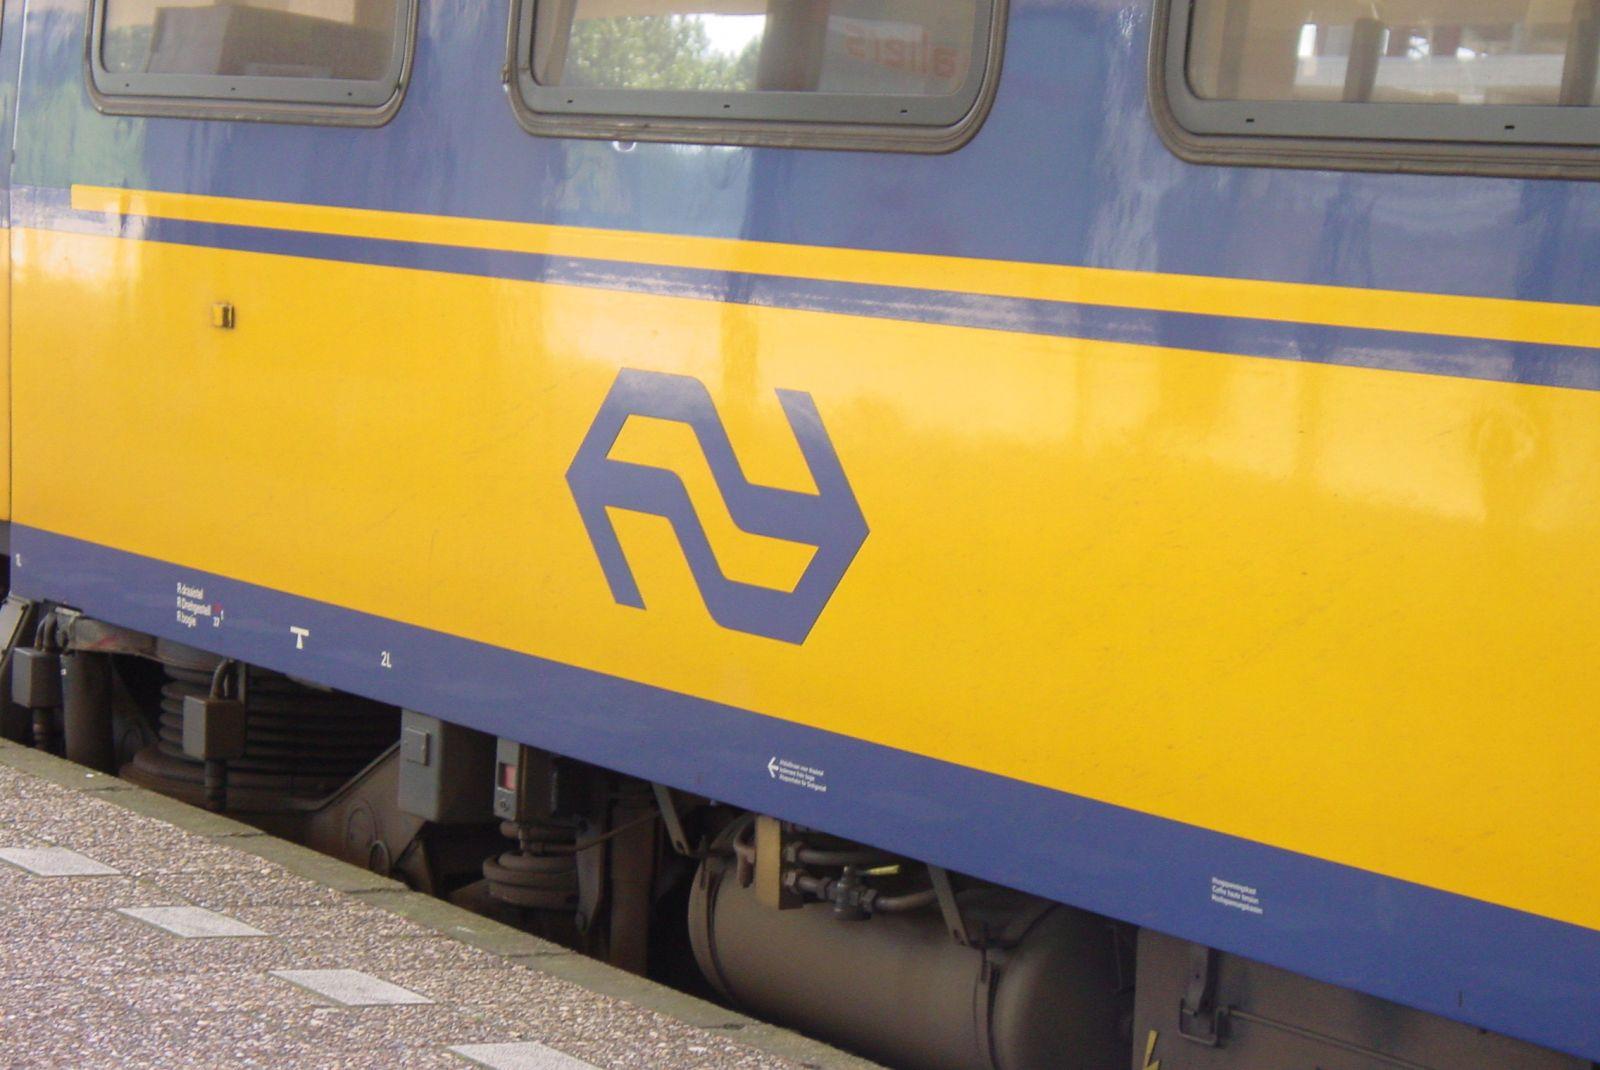 treinkaartjes, verschillende treinkaartjes, reizen met de trein